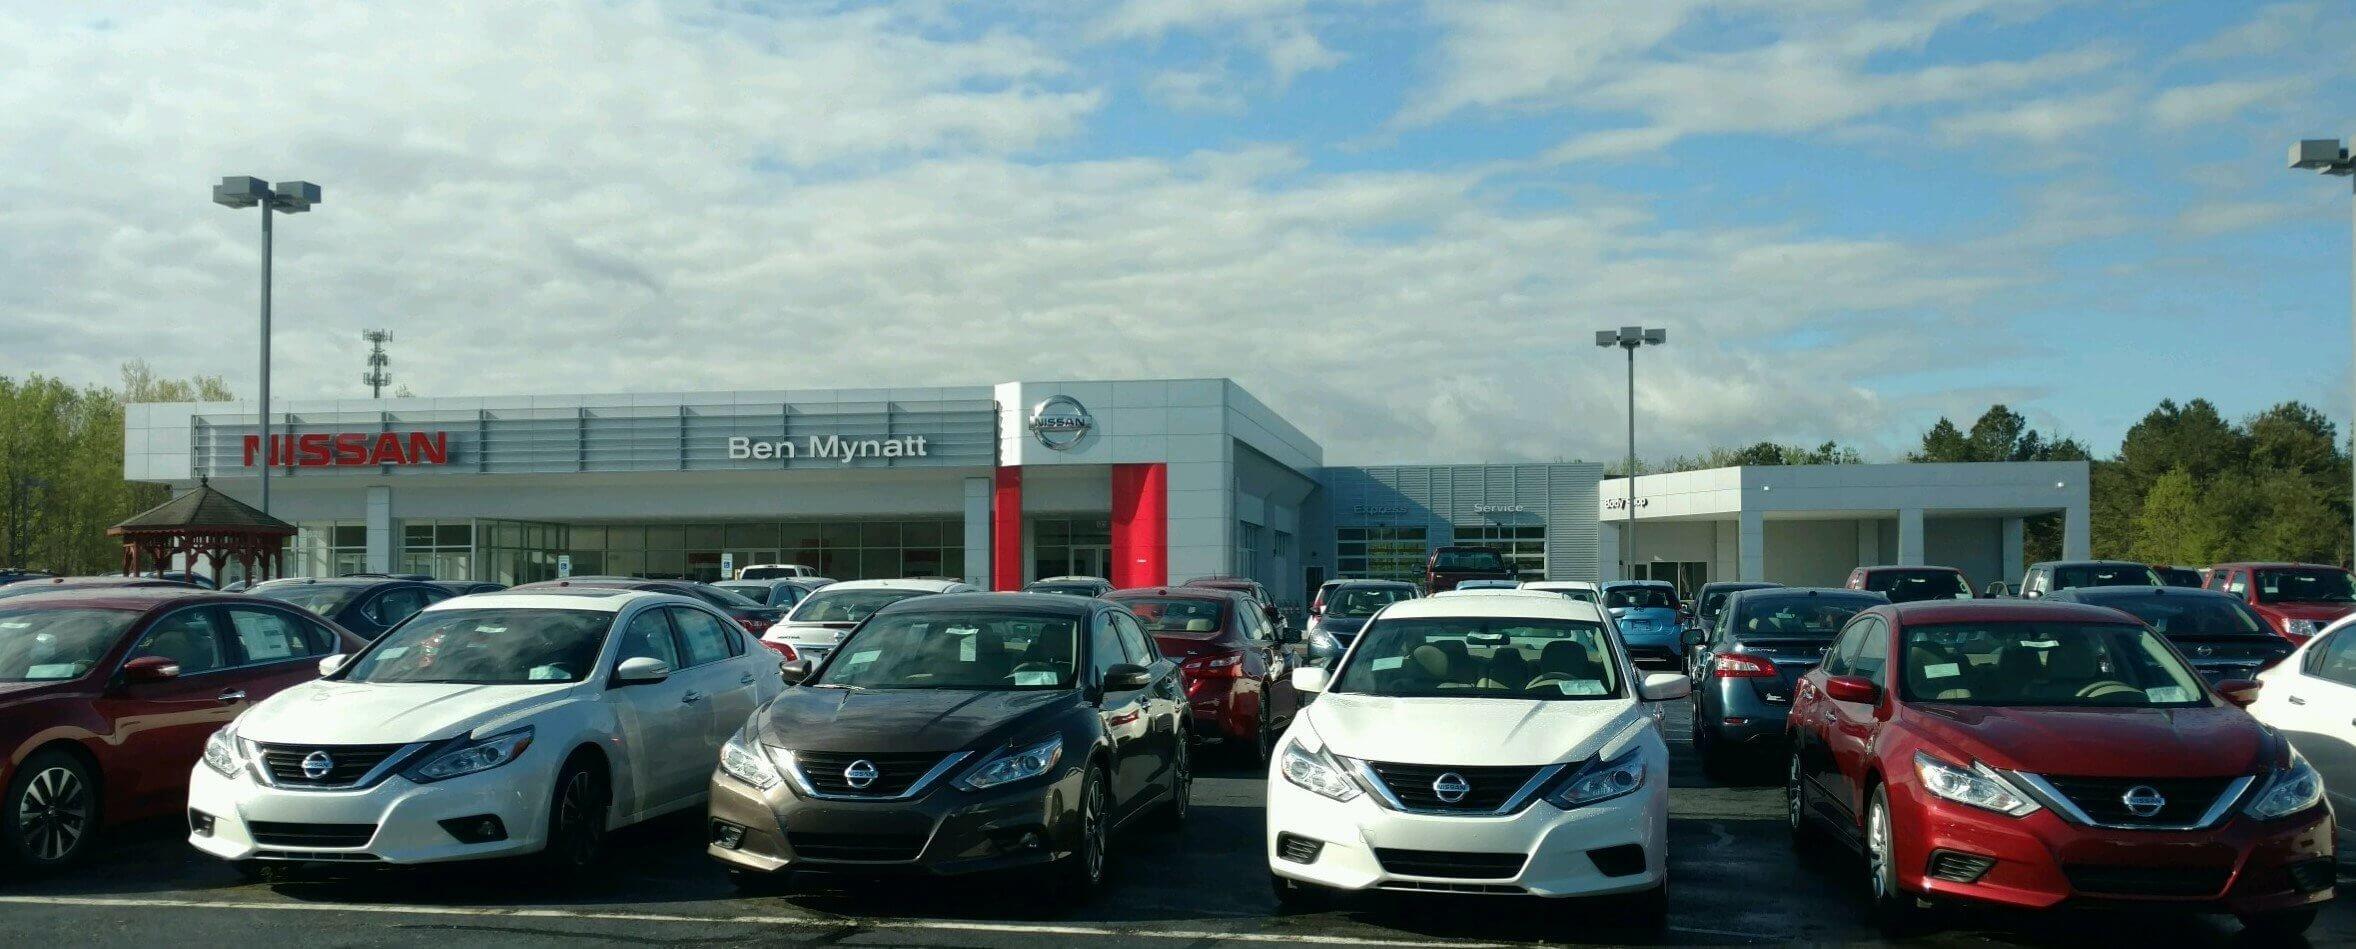 Ben Mynatt Nissan Is Your Salisbury, NC Nissan Dealer | New & Used ...